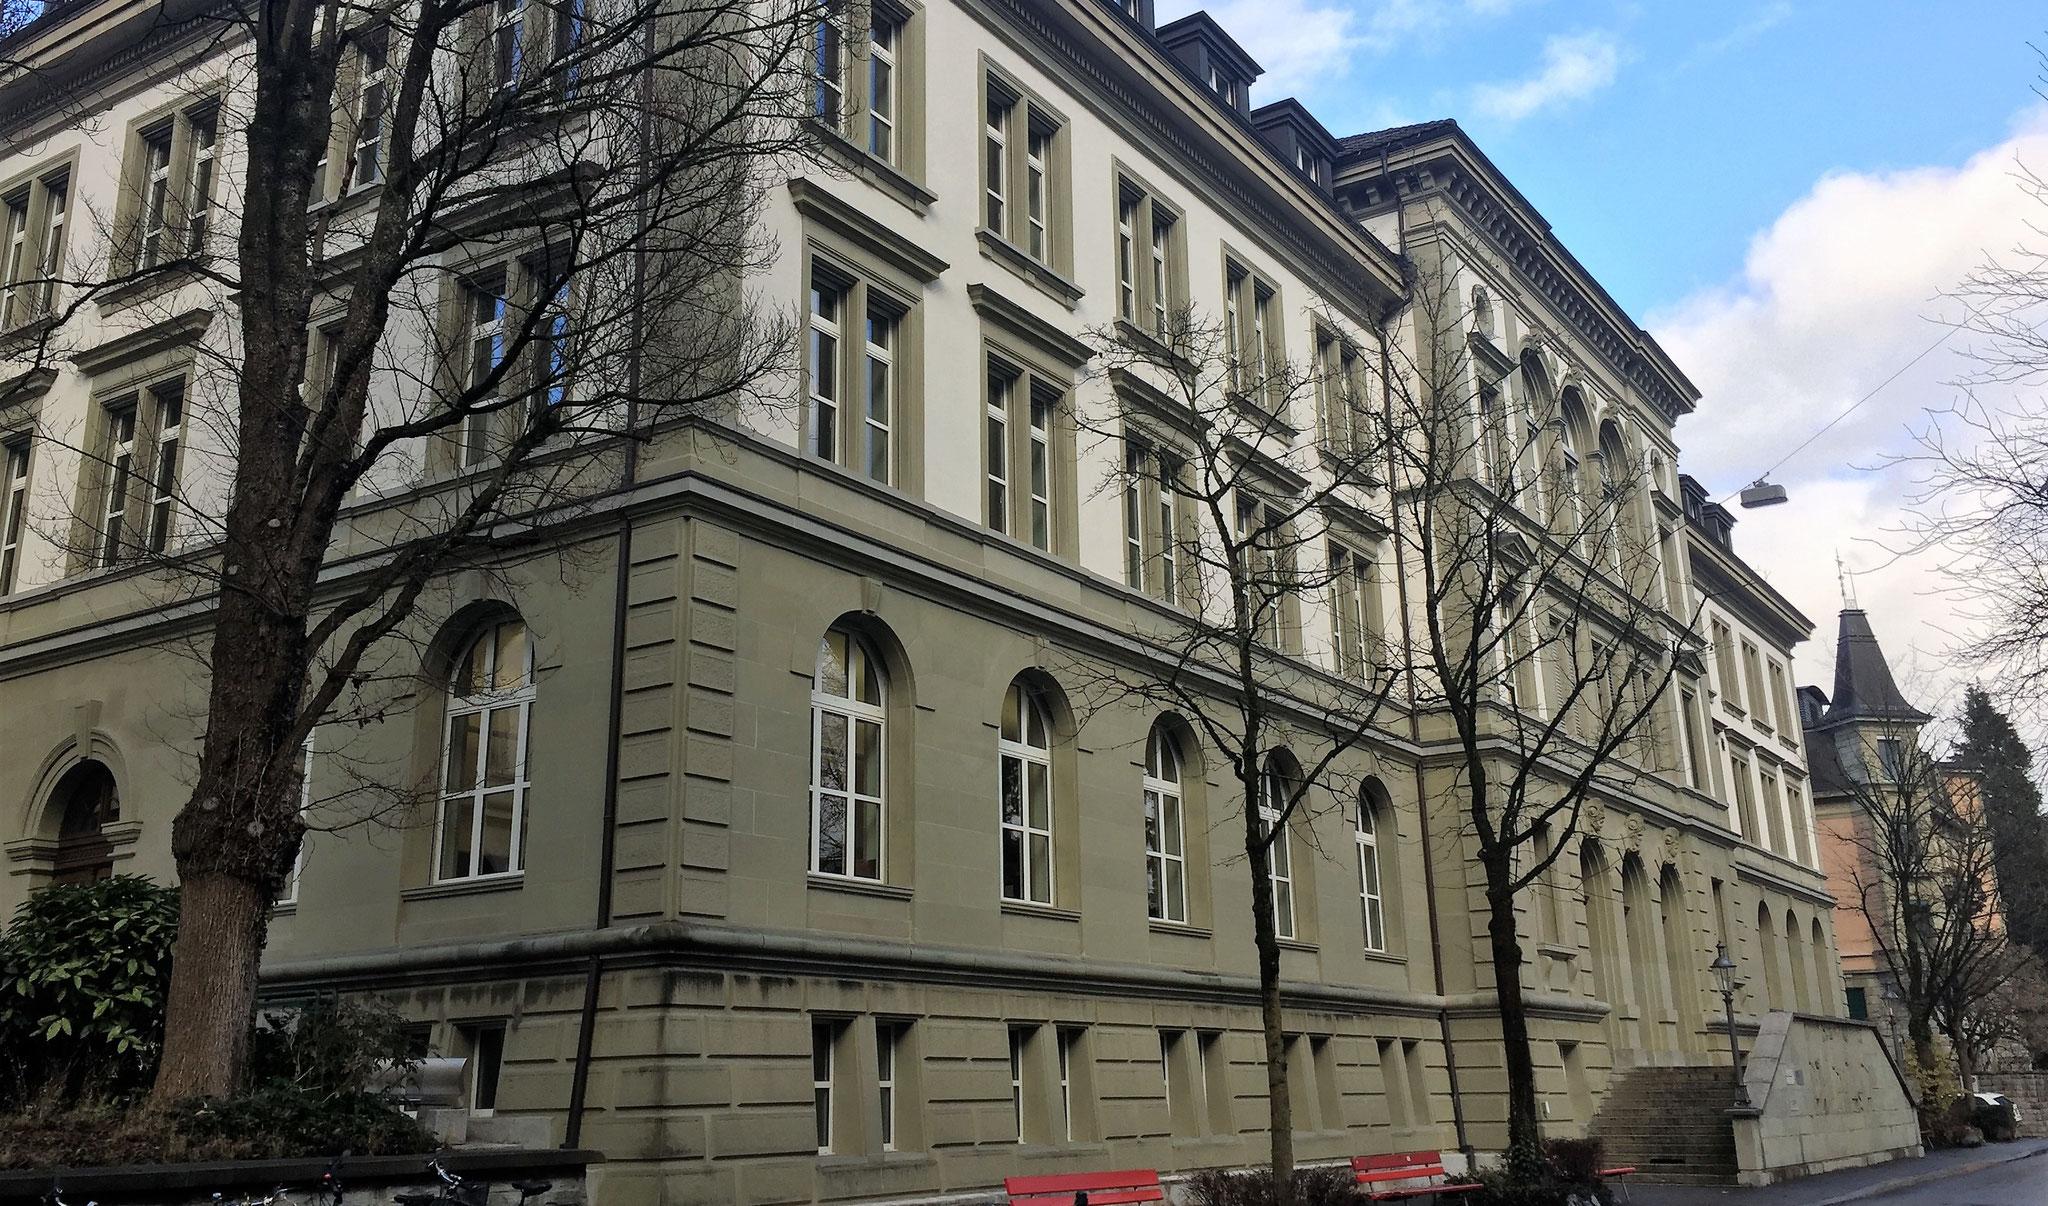 PH - Luzern, Standort Musegg, Luzern